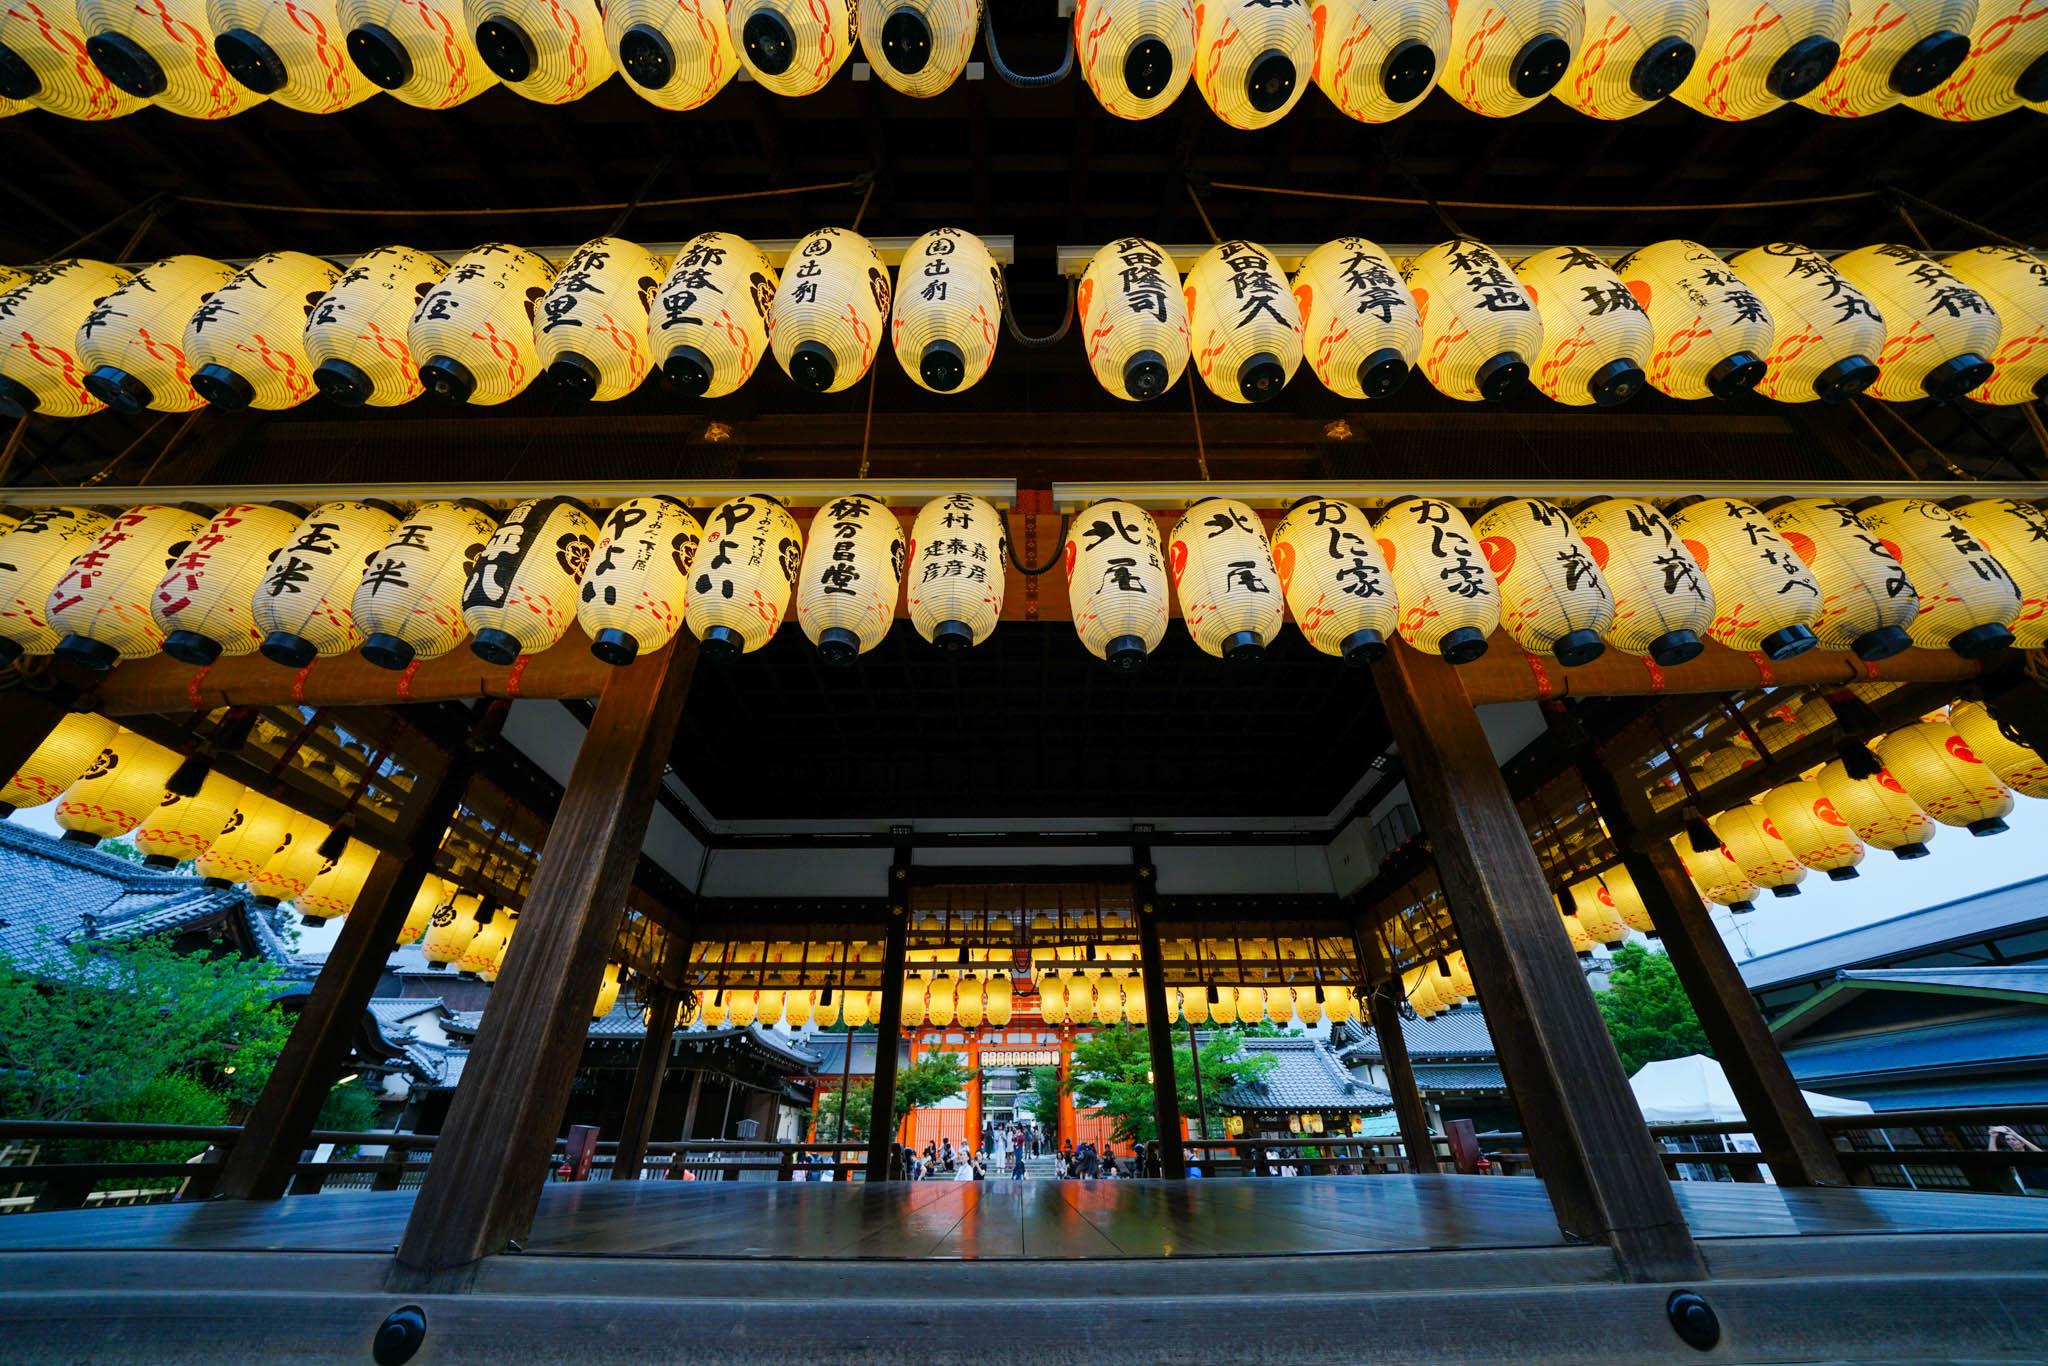 京都 / Day1-2 / 伊丹 → 建仁寺 → 清水寺 → 八坂神社 → 花小路 → ハモ寿司